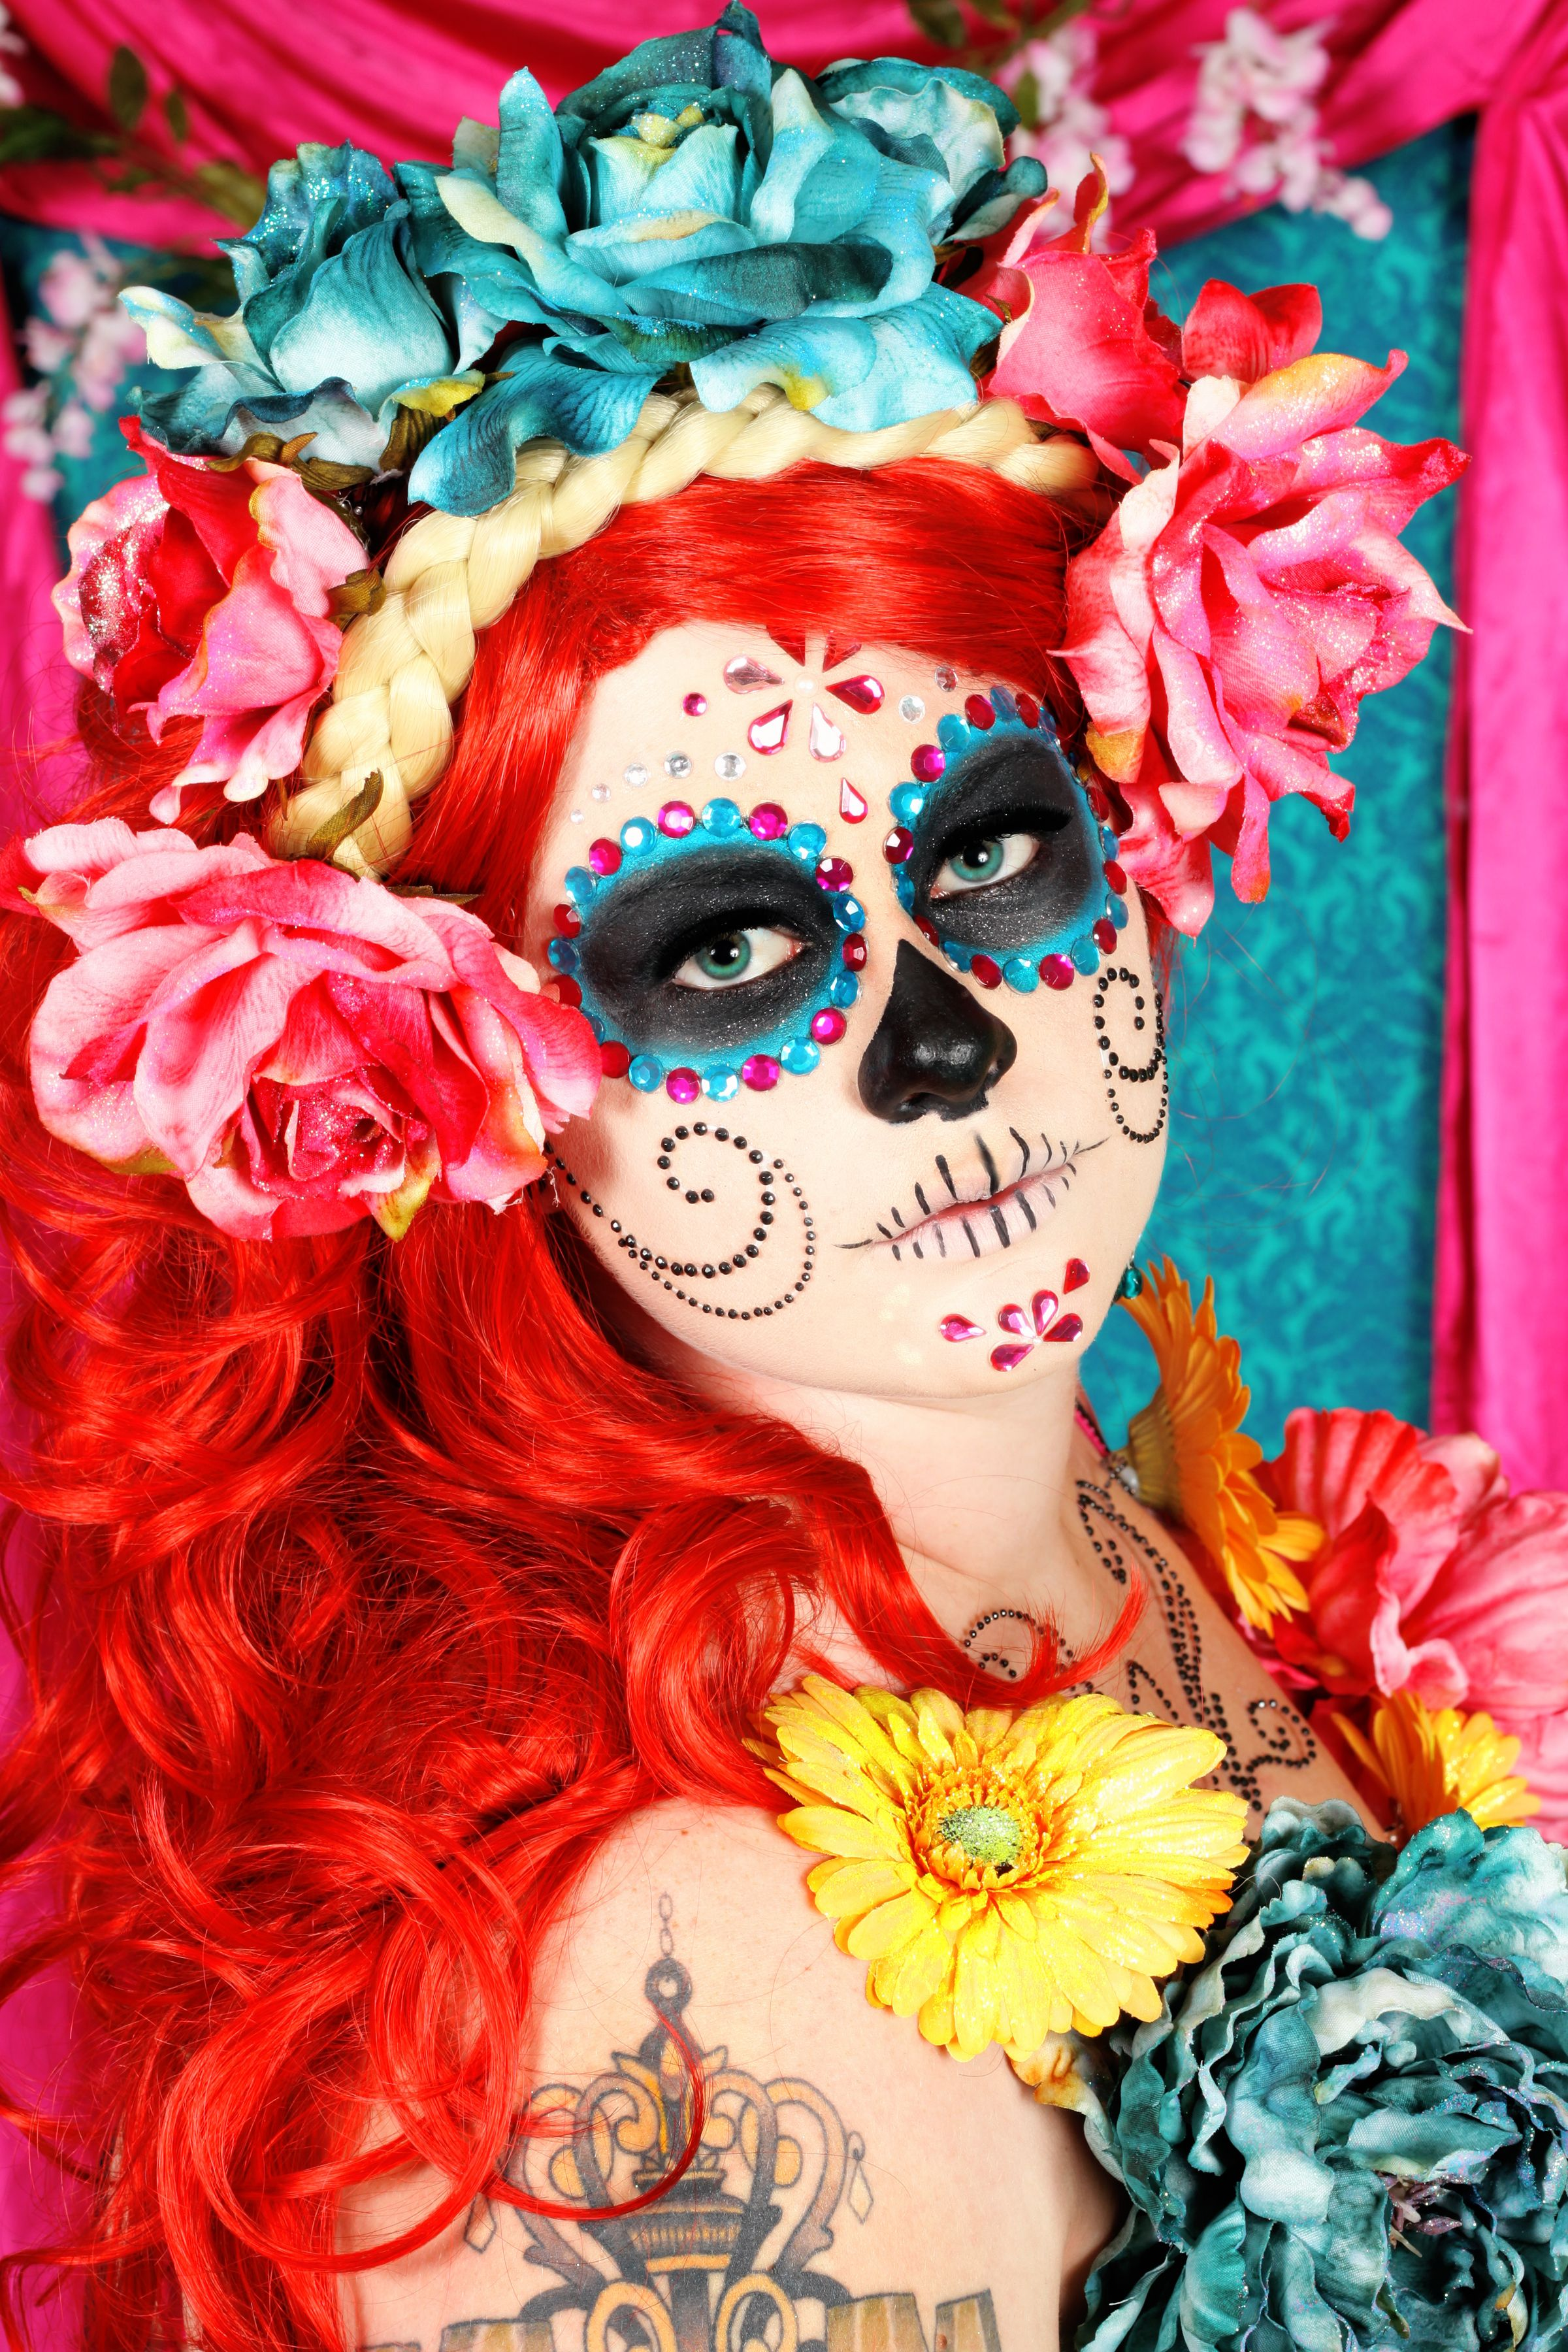 Meg Boulette - Day of the dead sugarskull